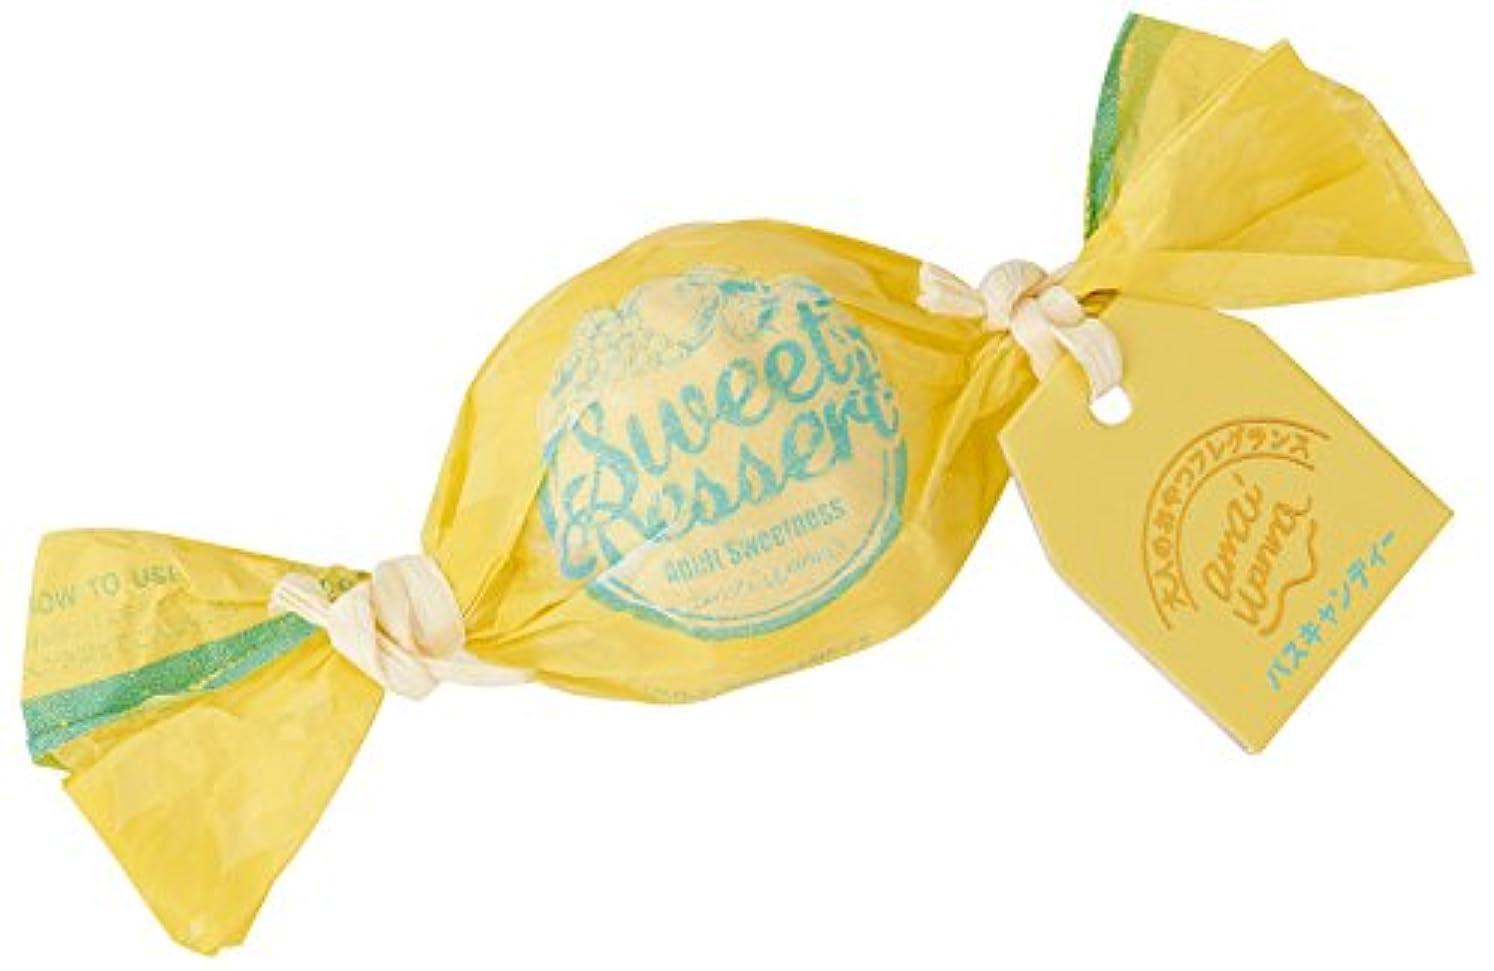 貸し手合理化酔っ払いアマイワナ バスキャンディー35g×12粒 大人の甘美デザート(発泡タイプ入浴料 フローラルと果実の香り)